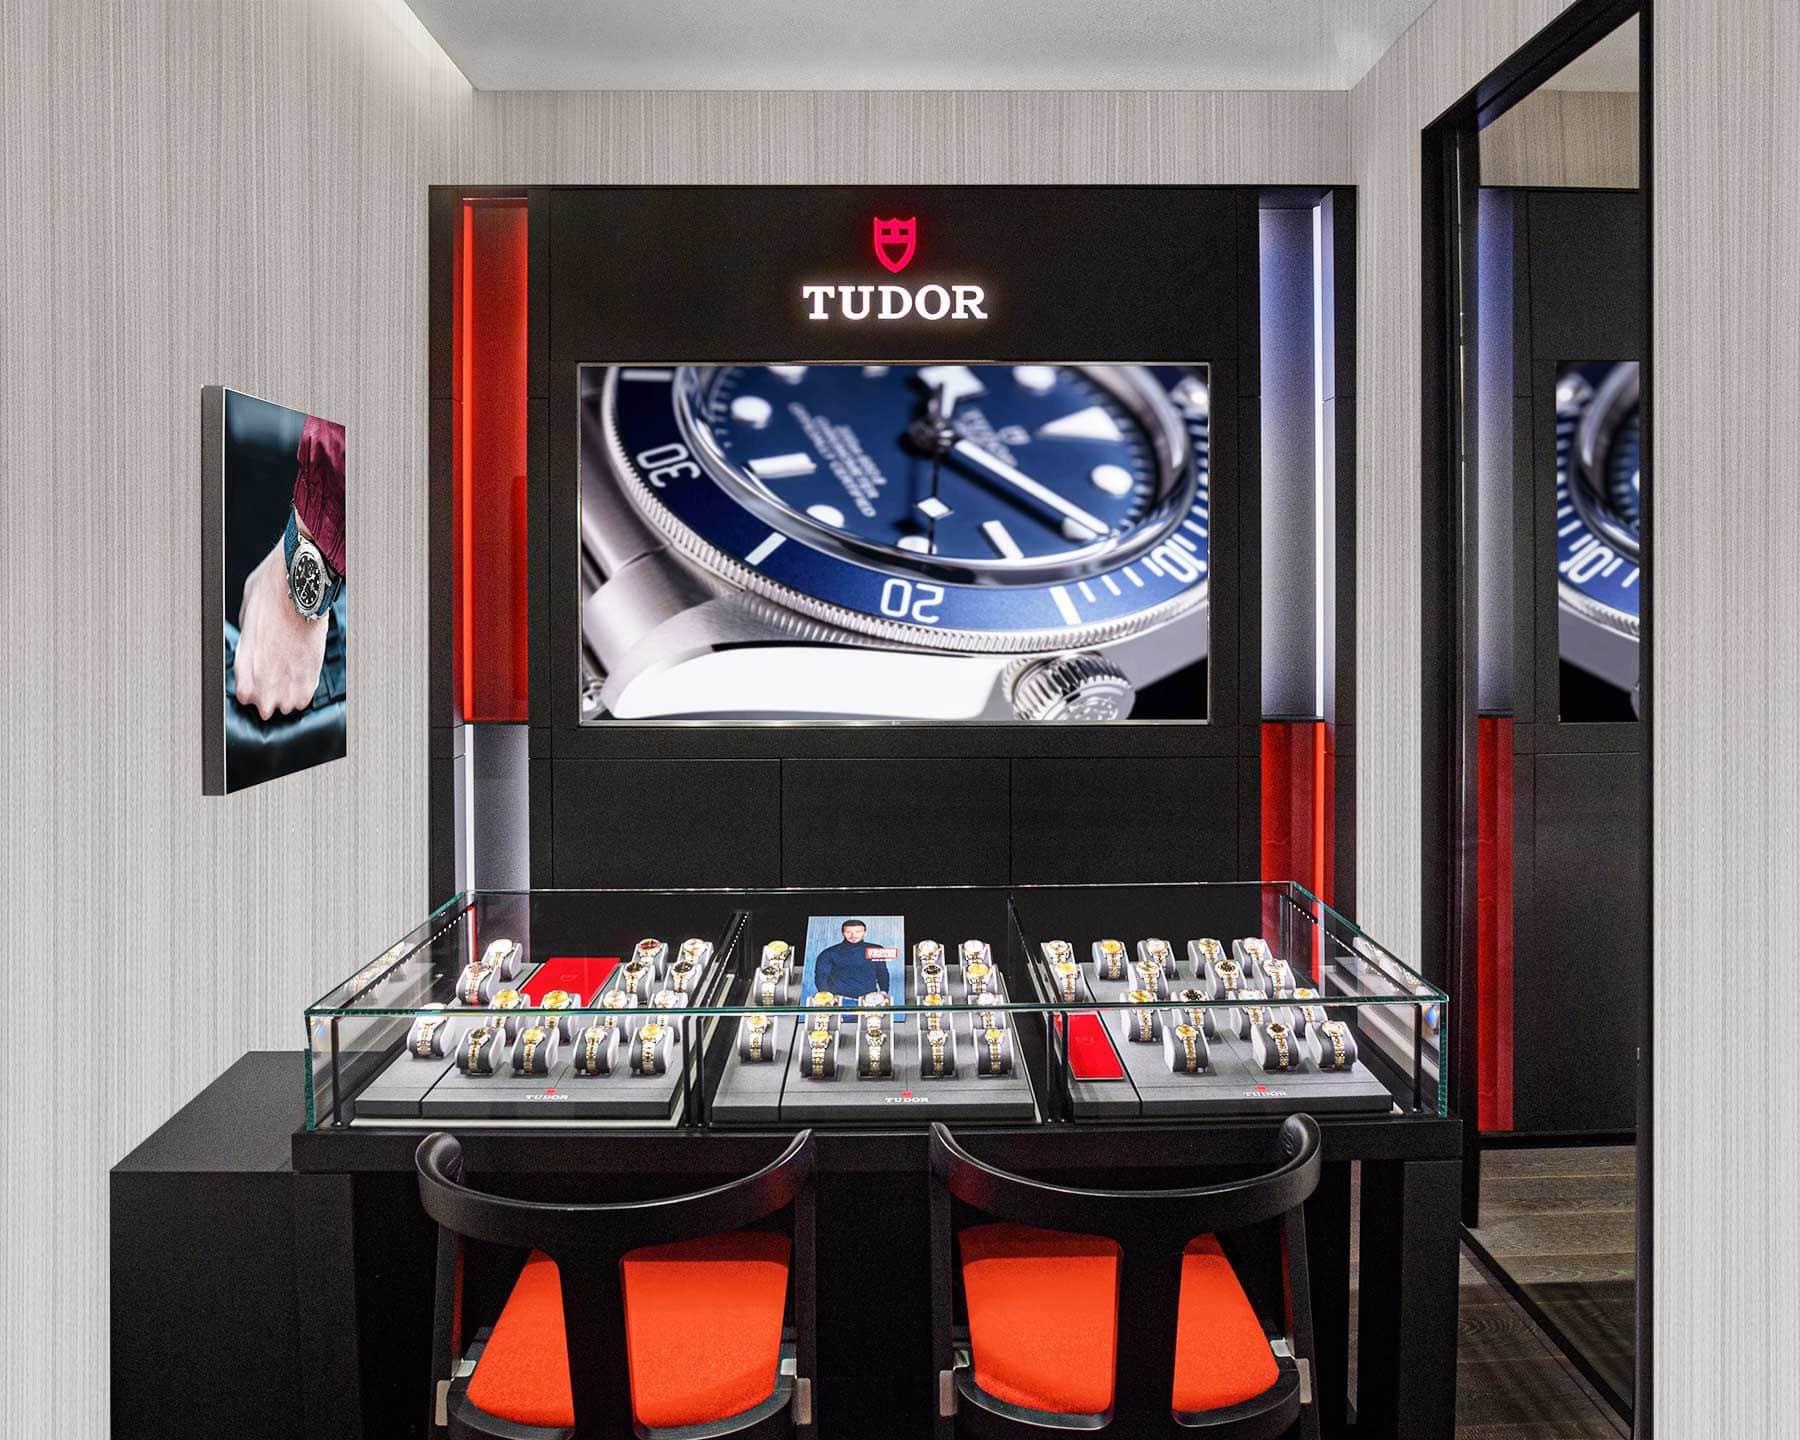 Tudor Retail Store